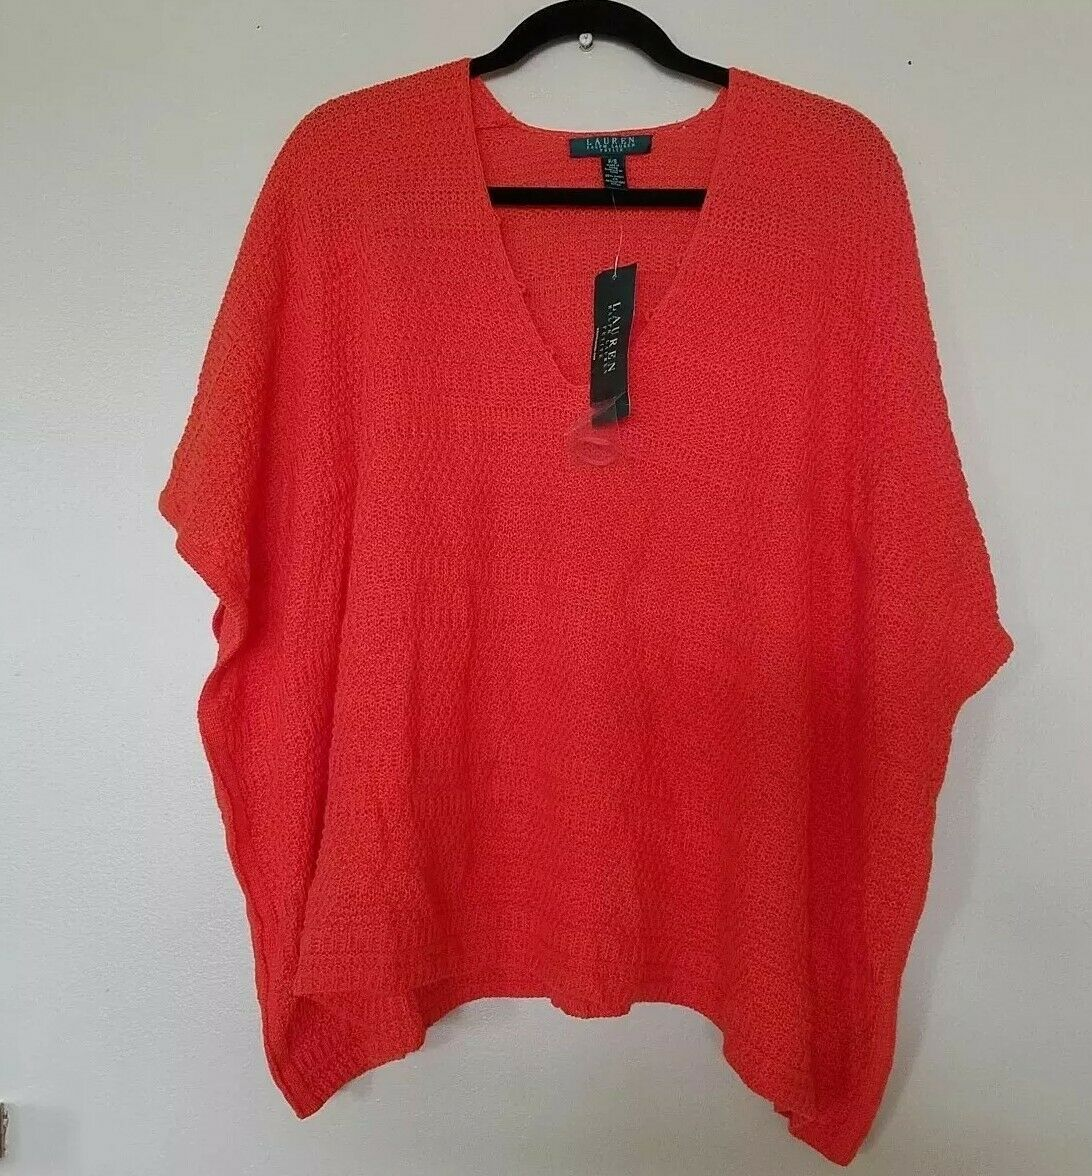 NWT RALPH LAUREN Womens LINEN COTTON Kaftan Sweater Top Large to XLarge  135